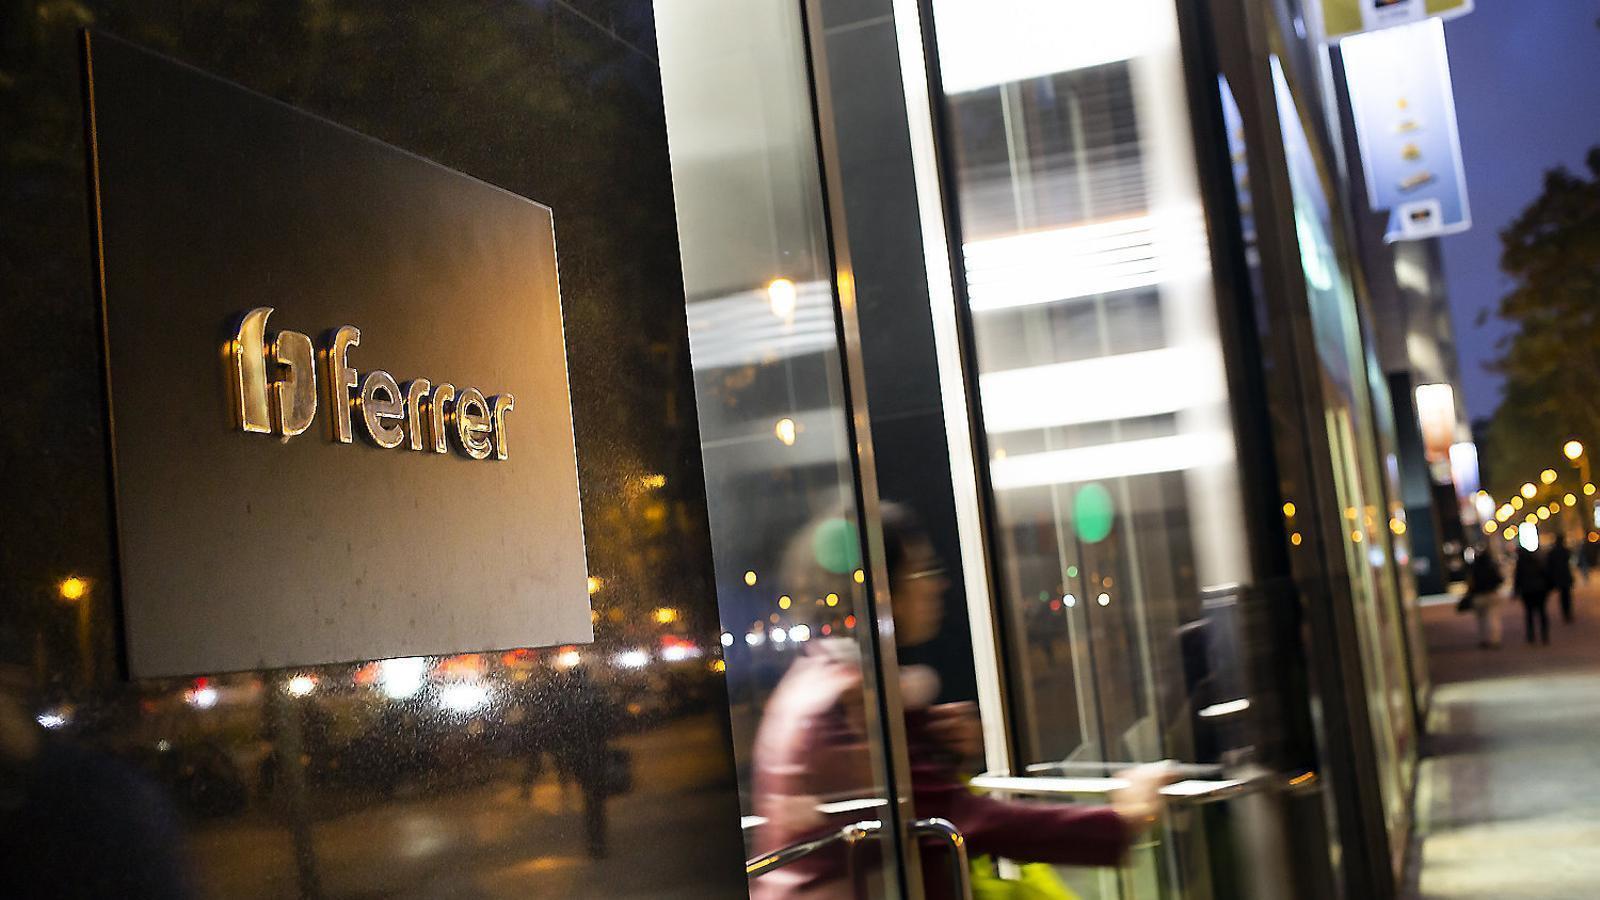 Oficines del Grup Ferrer a l'avinguda Diagonal de Barcelona, on s'han produït la major part d'acomiadaments.